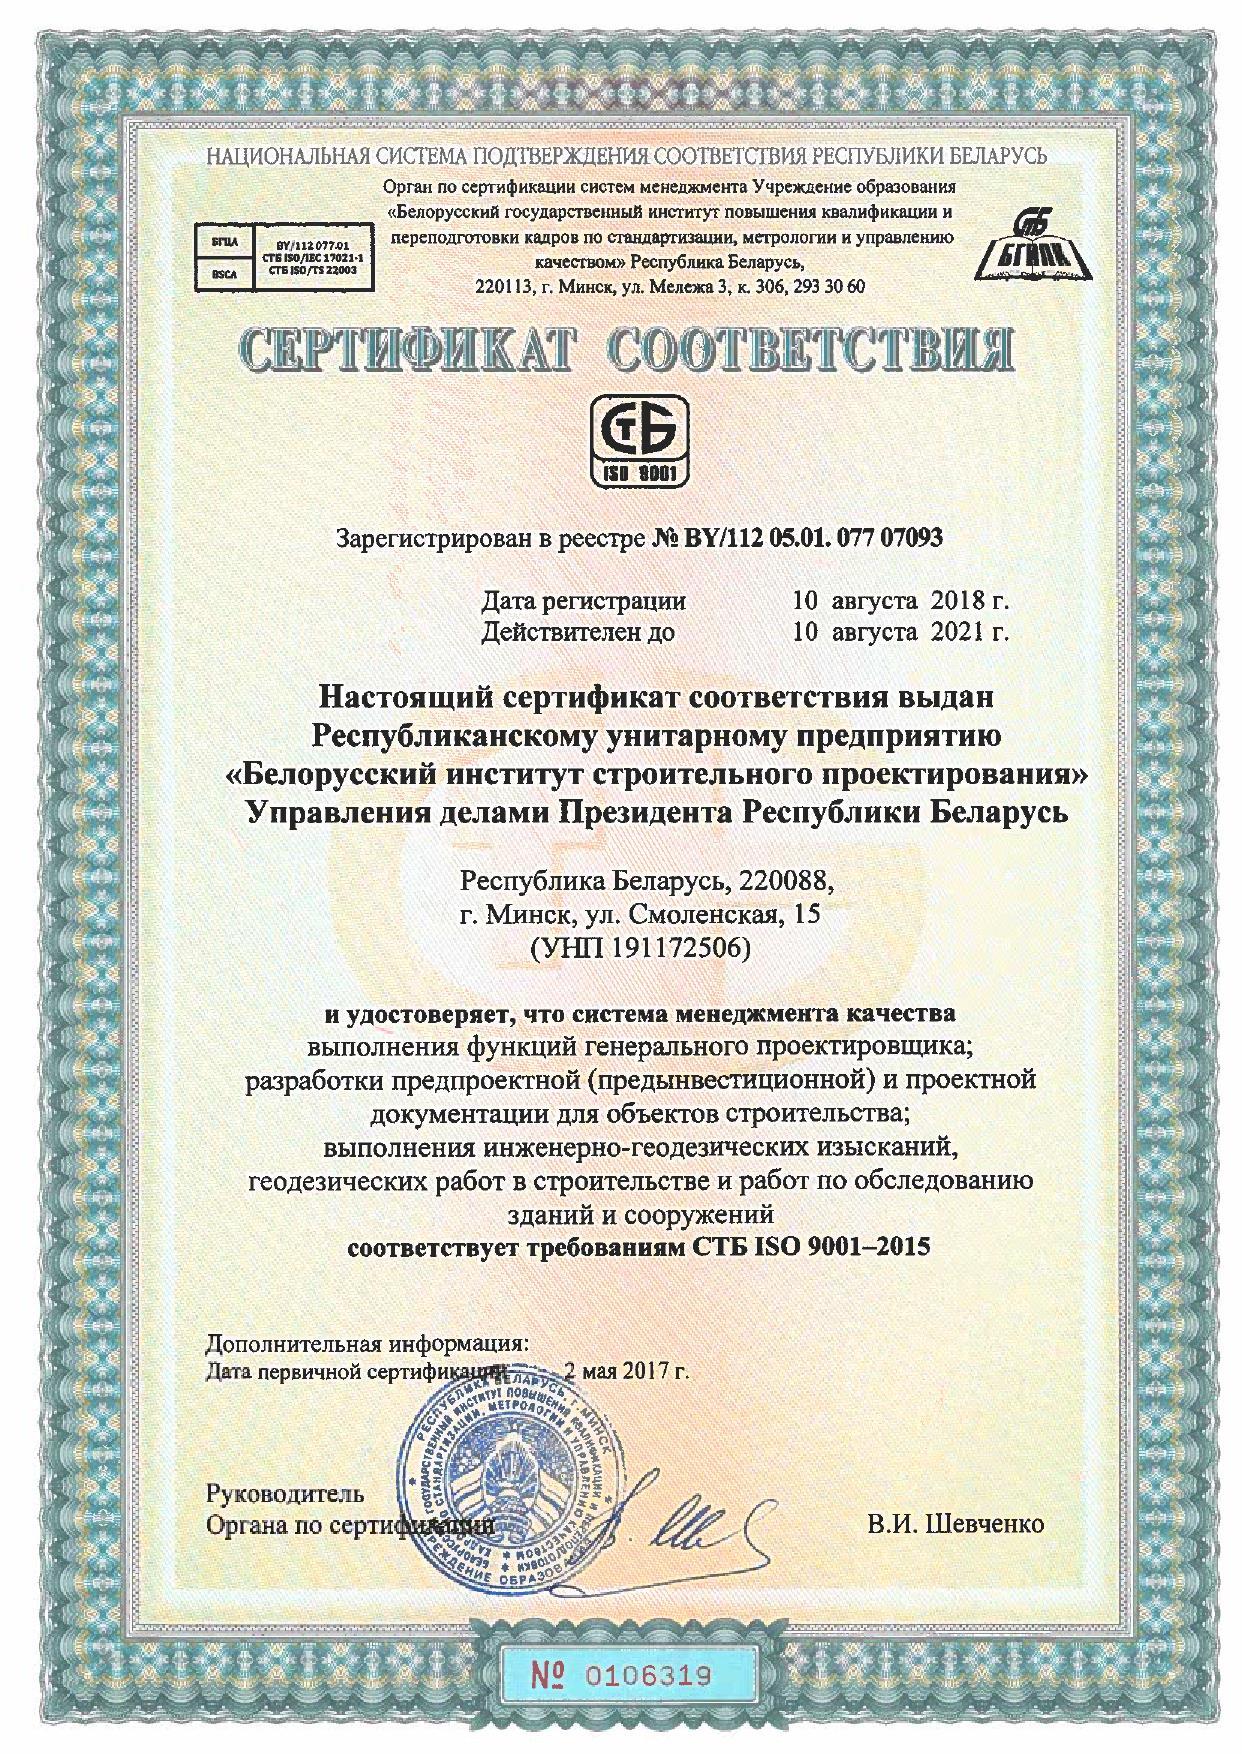 15 Сертификат соответствия требованиям СТБ ISO 9001-2015